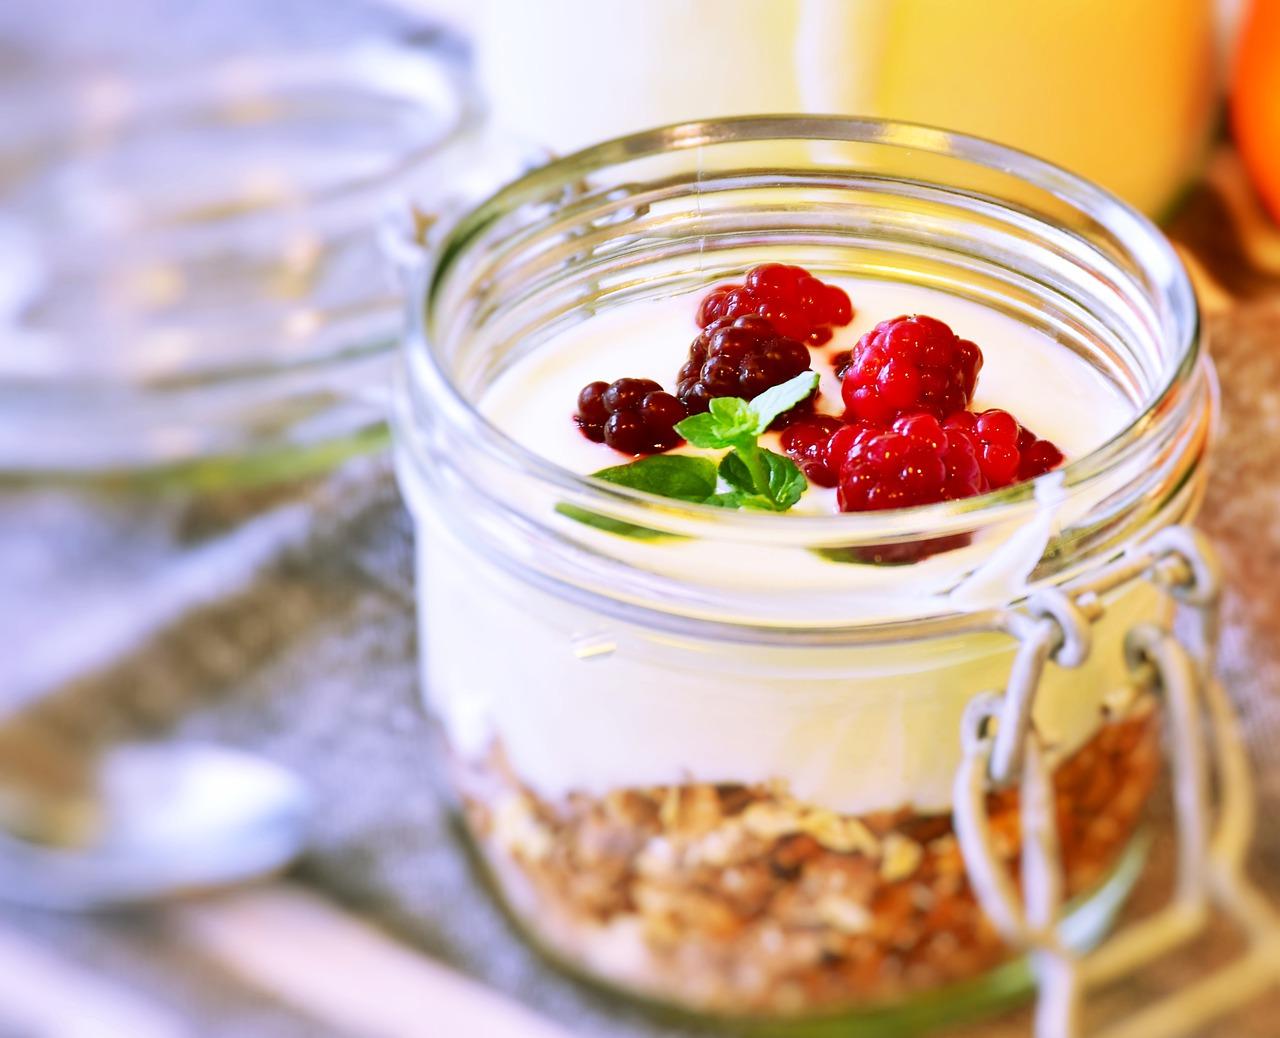 营养早餐, 早餐, 玻璃, 酸奶, 甜点, 浆果, 勺子, 绿色